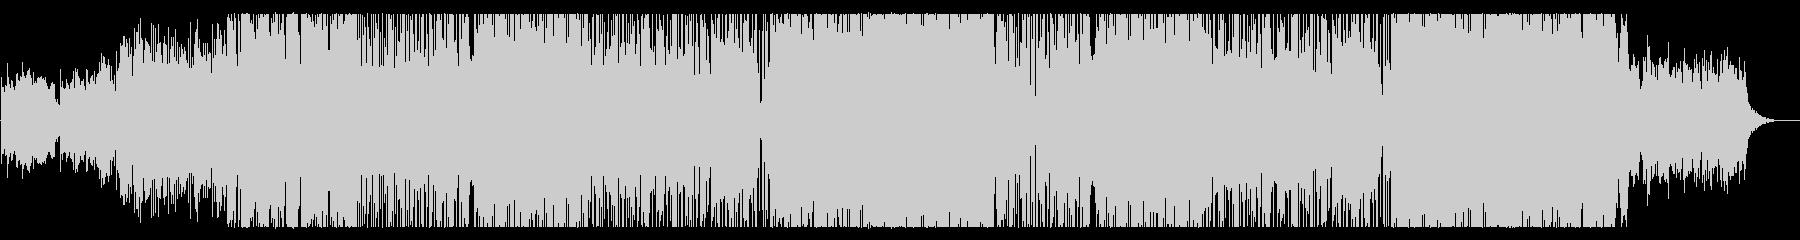 穏やかでスピード感あるテクノポップの未再生の波形